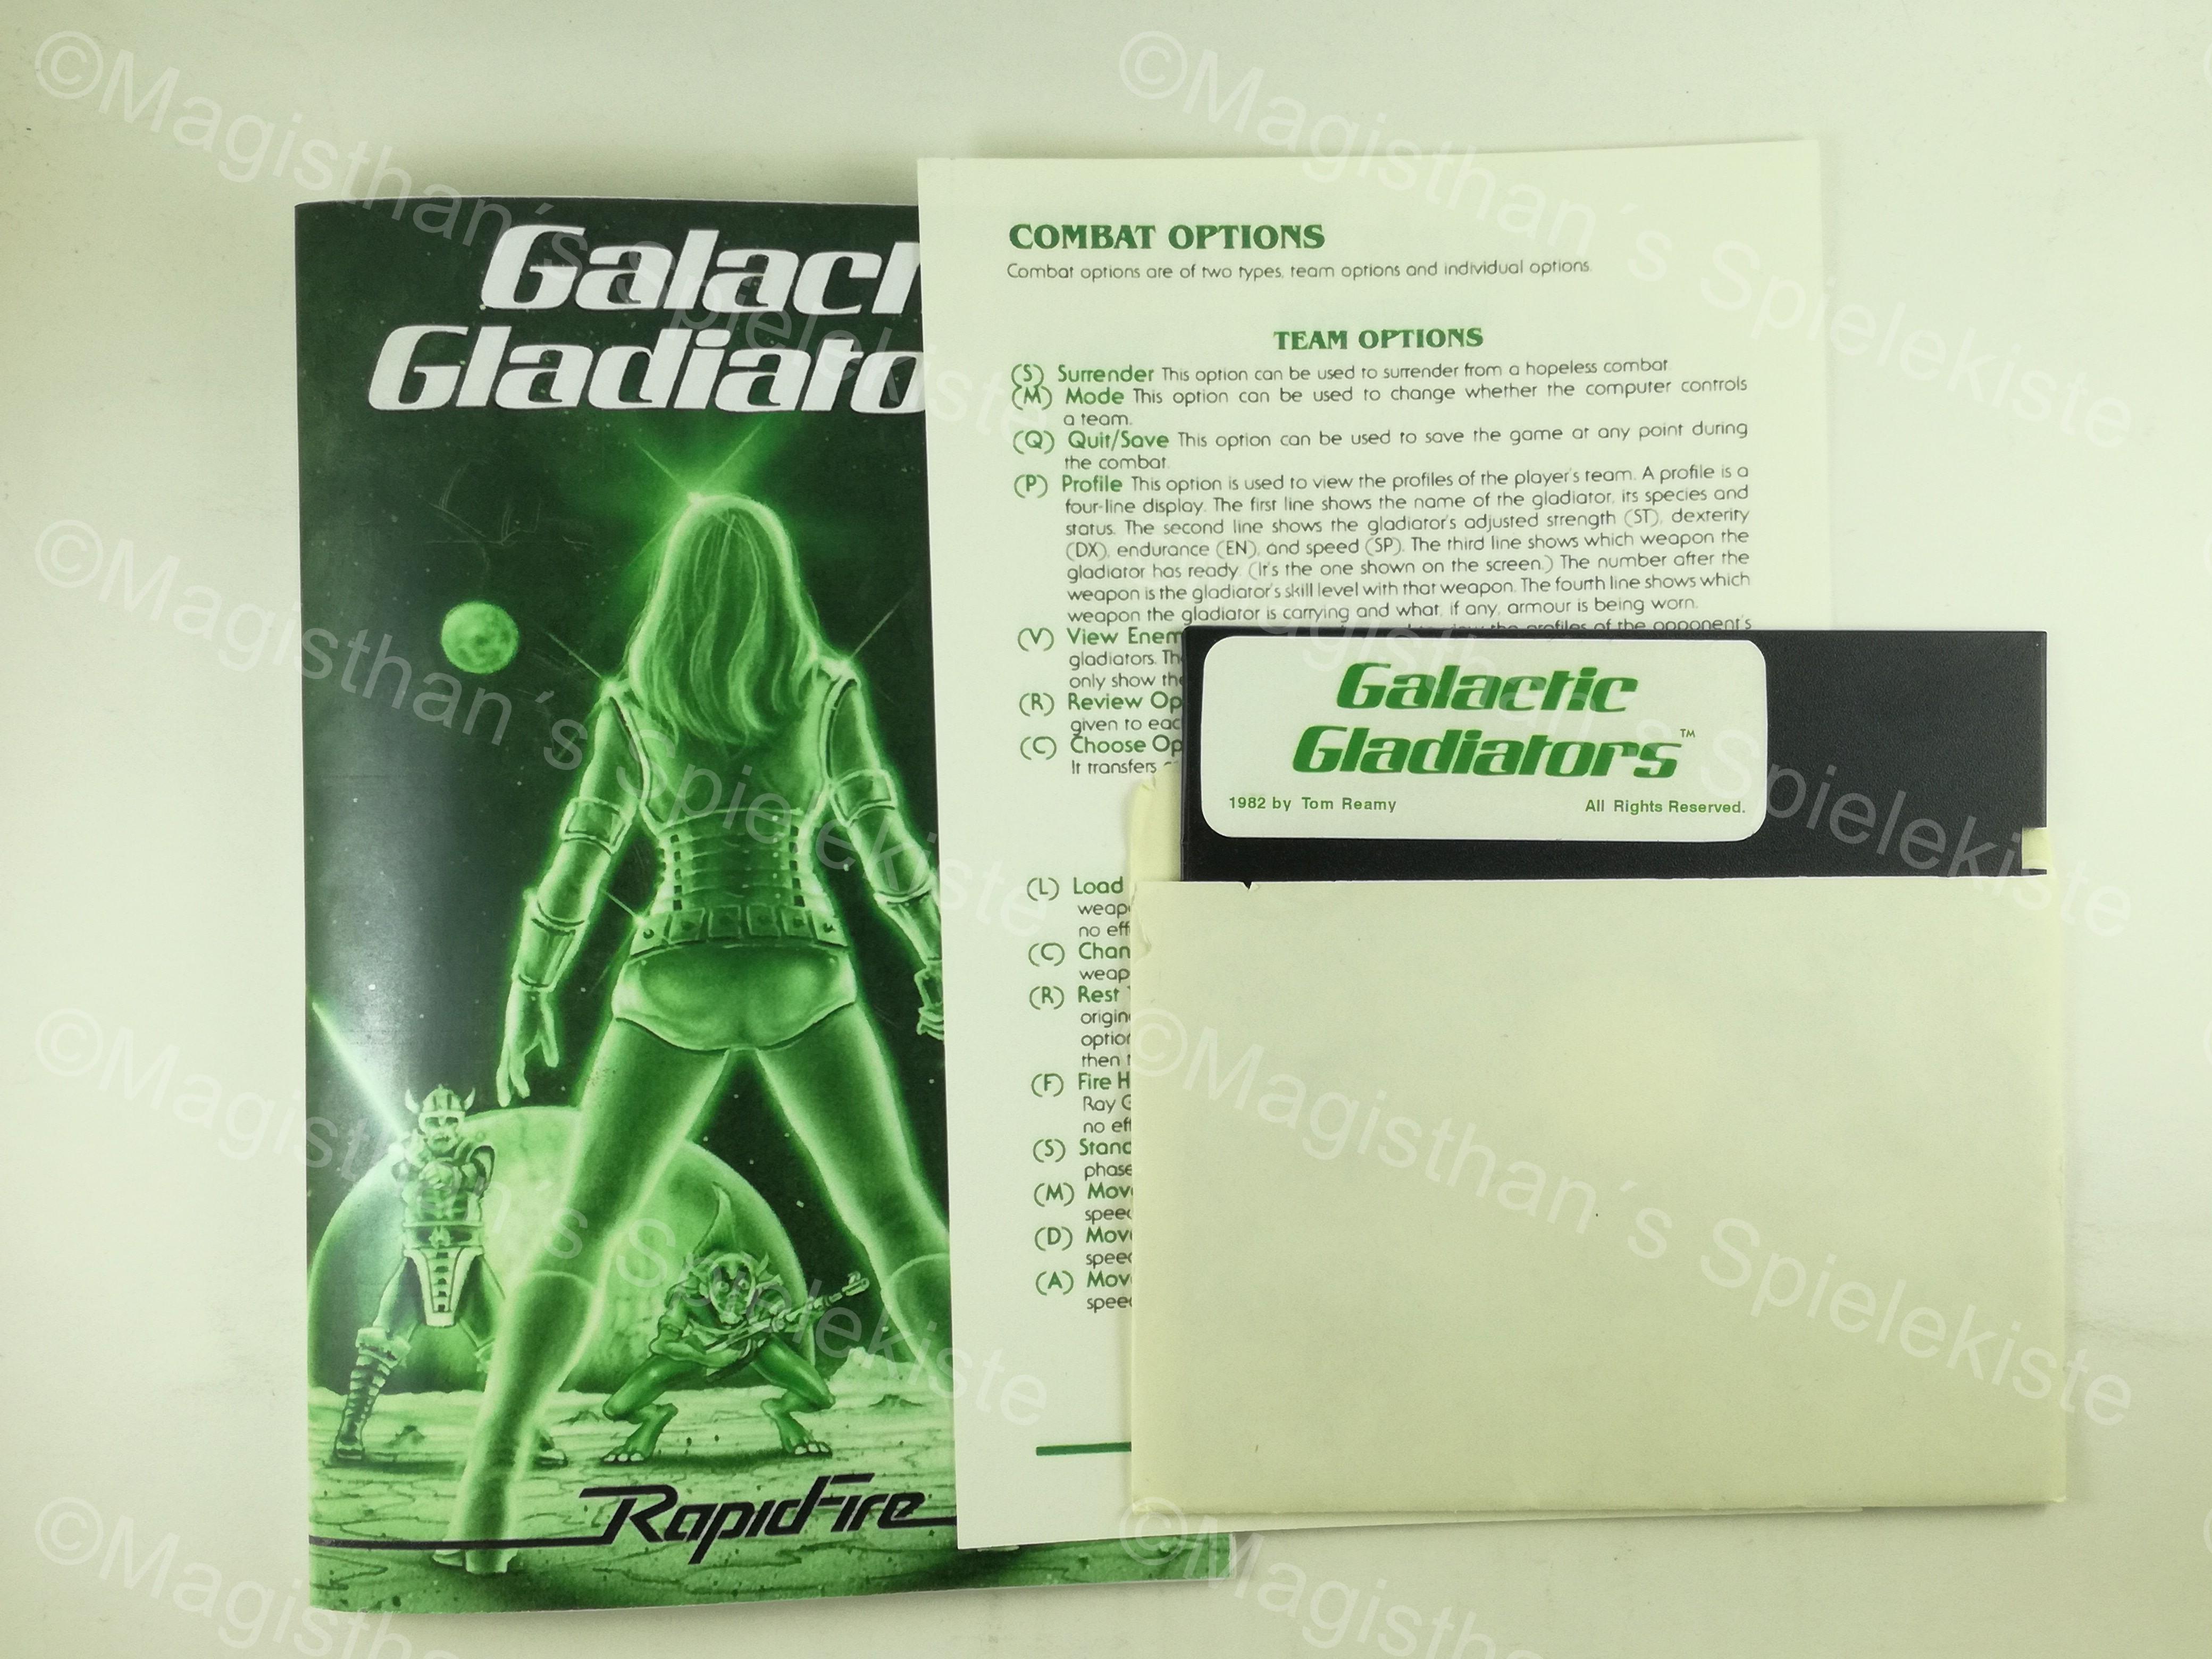 GalacticGladiatorsAppple2.jpg